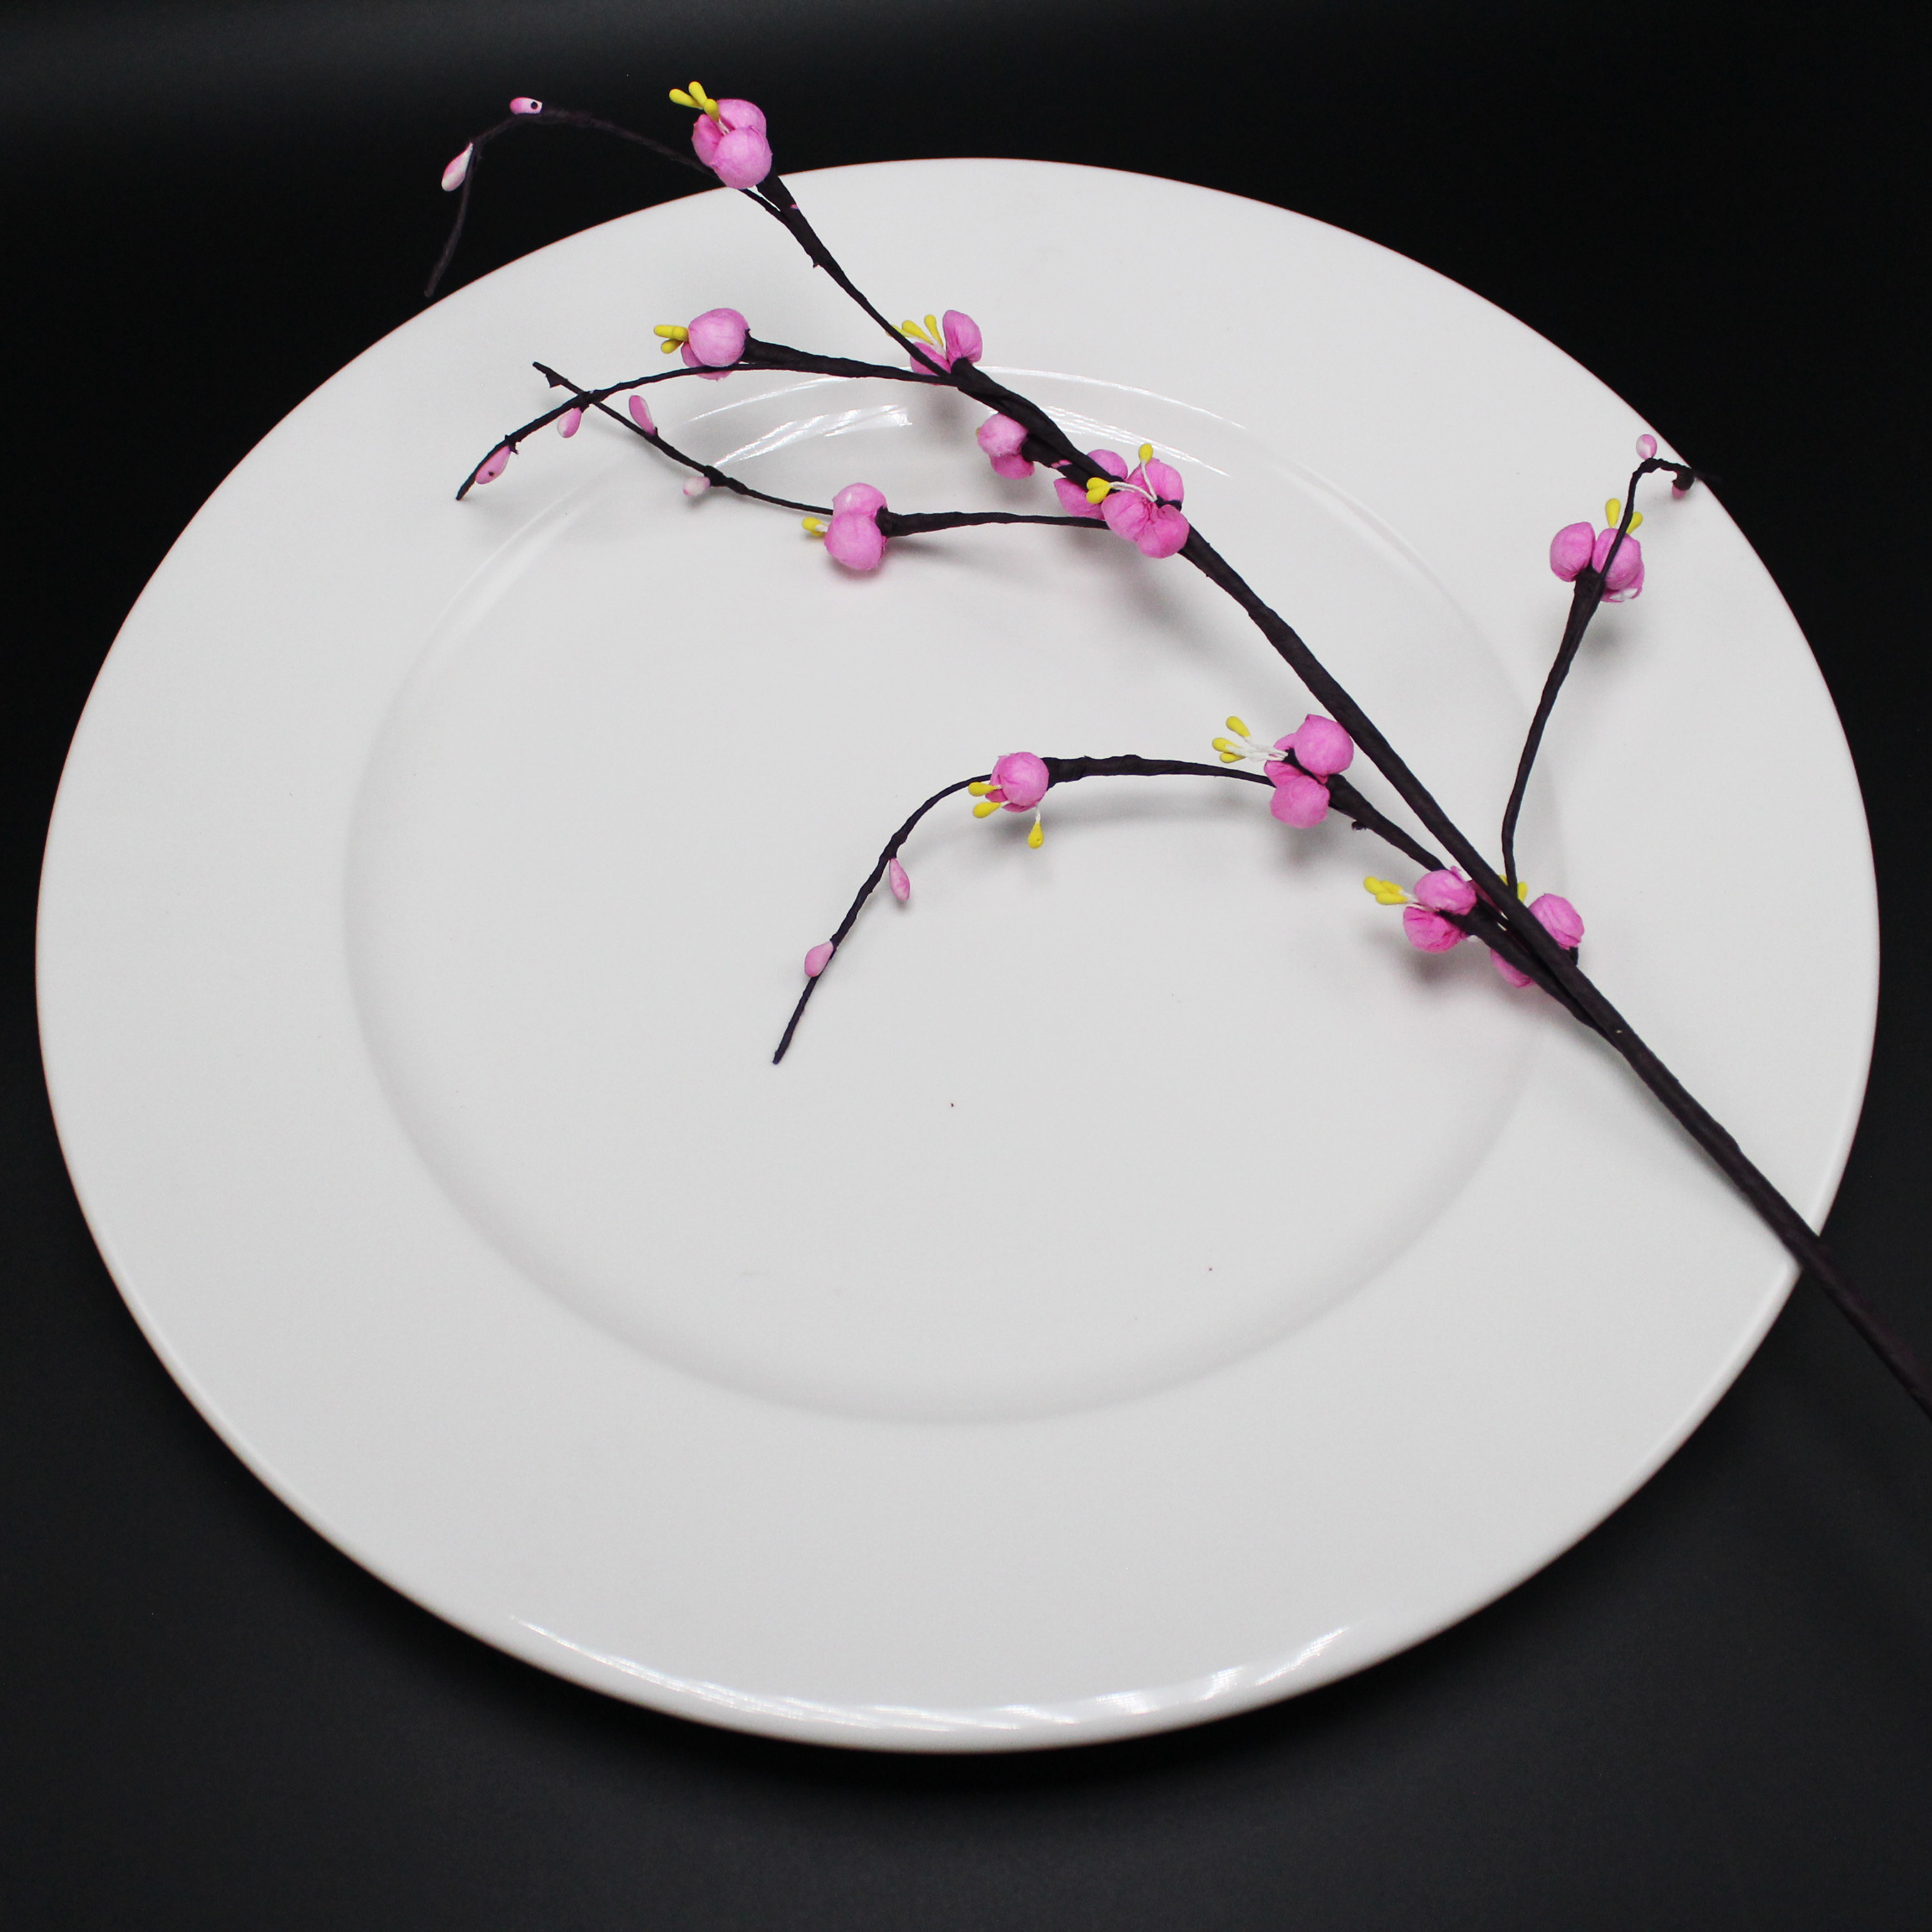 Dĩa tròn 35 cm trắng ngà - MNV - 583585000